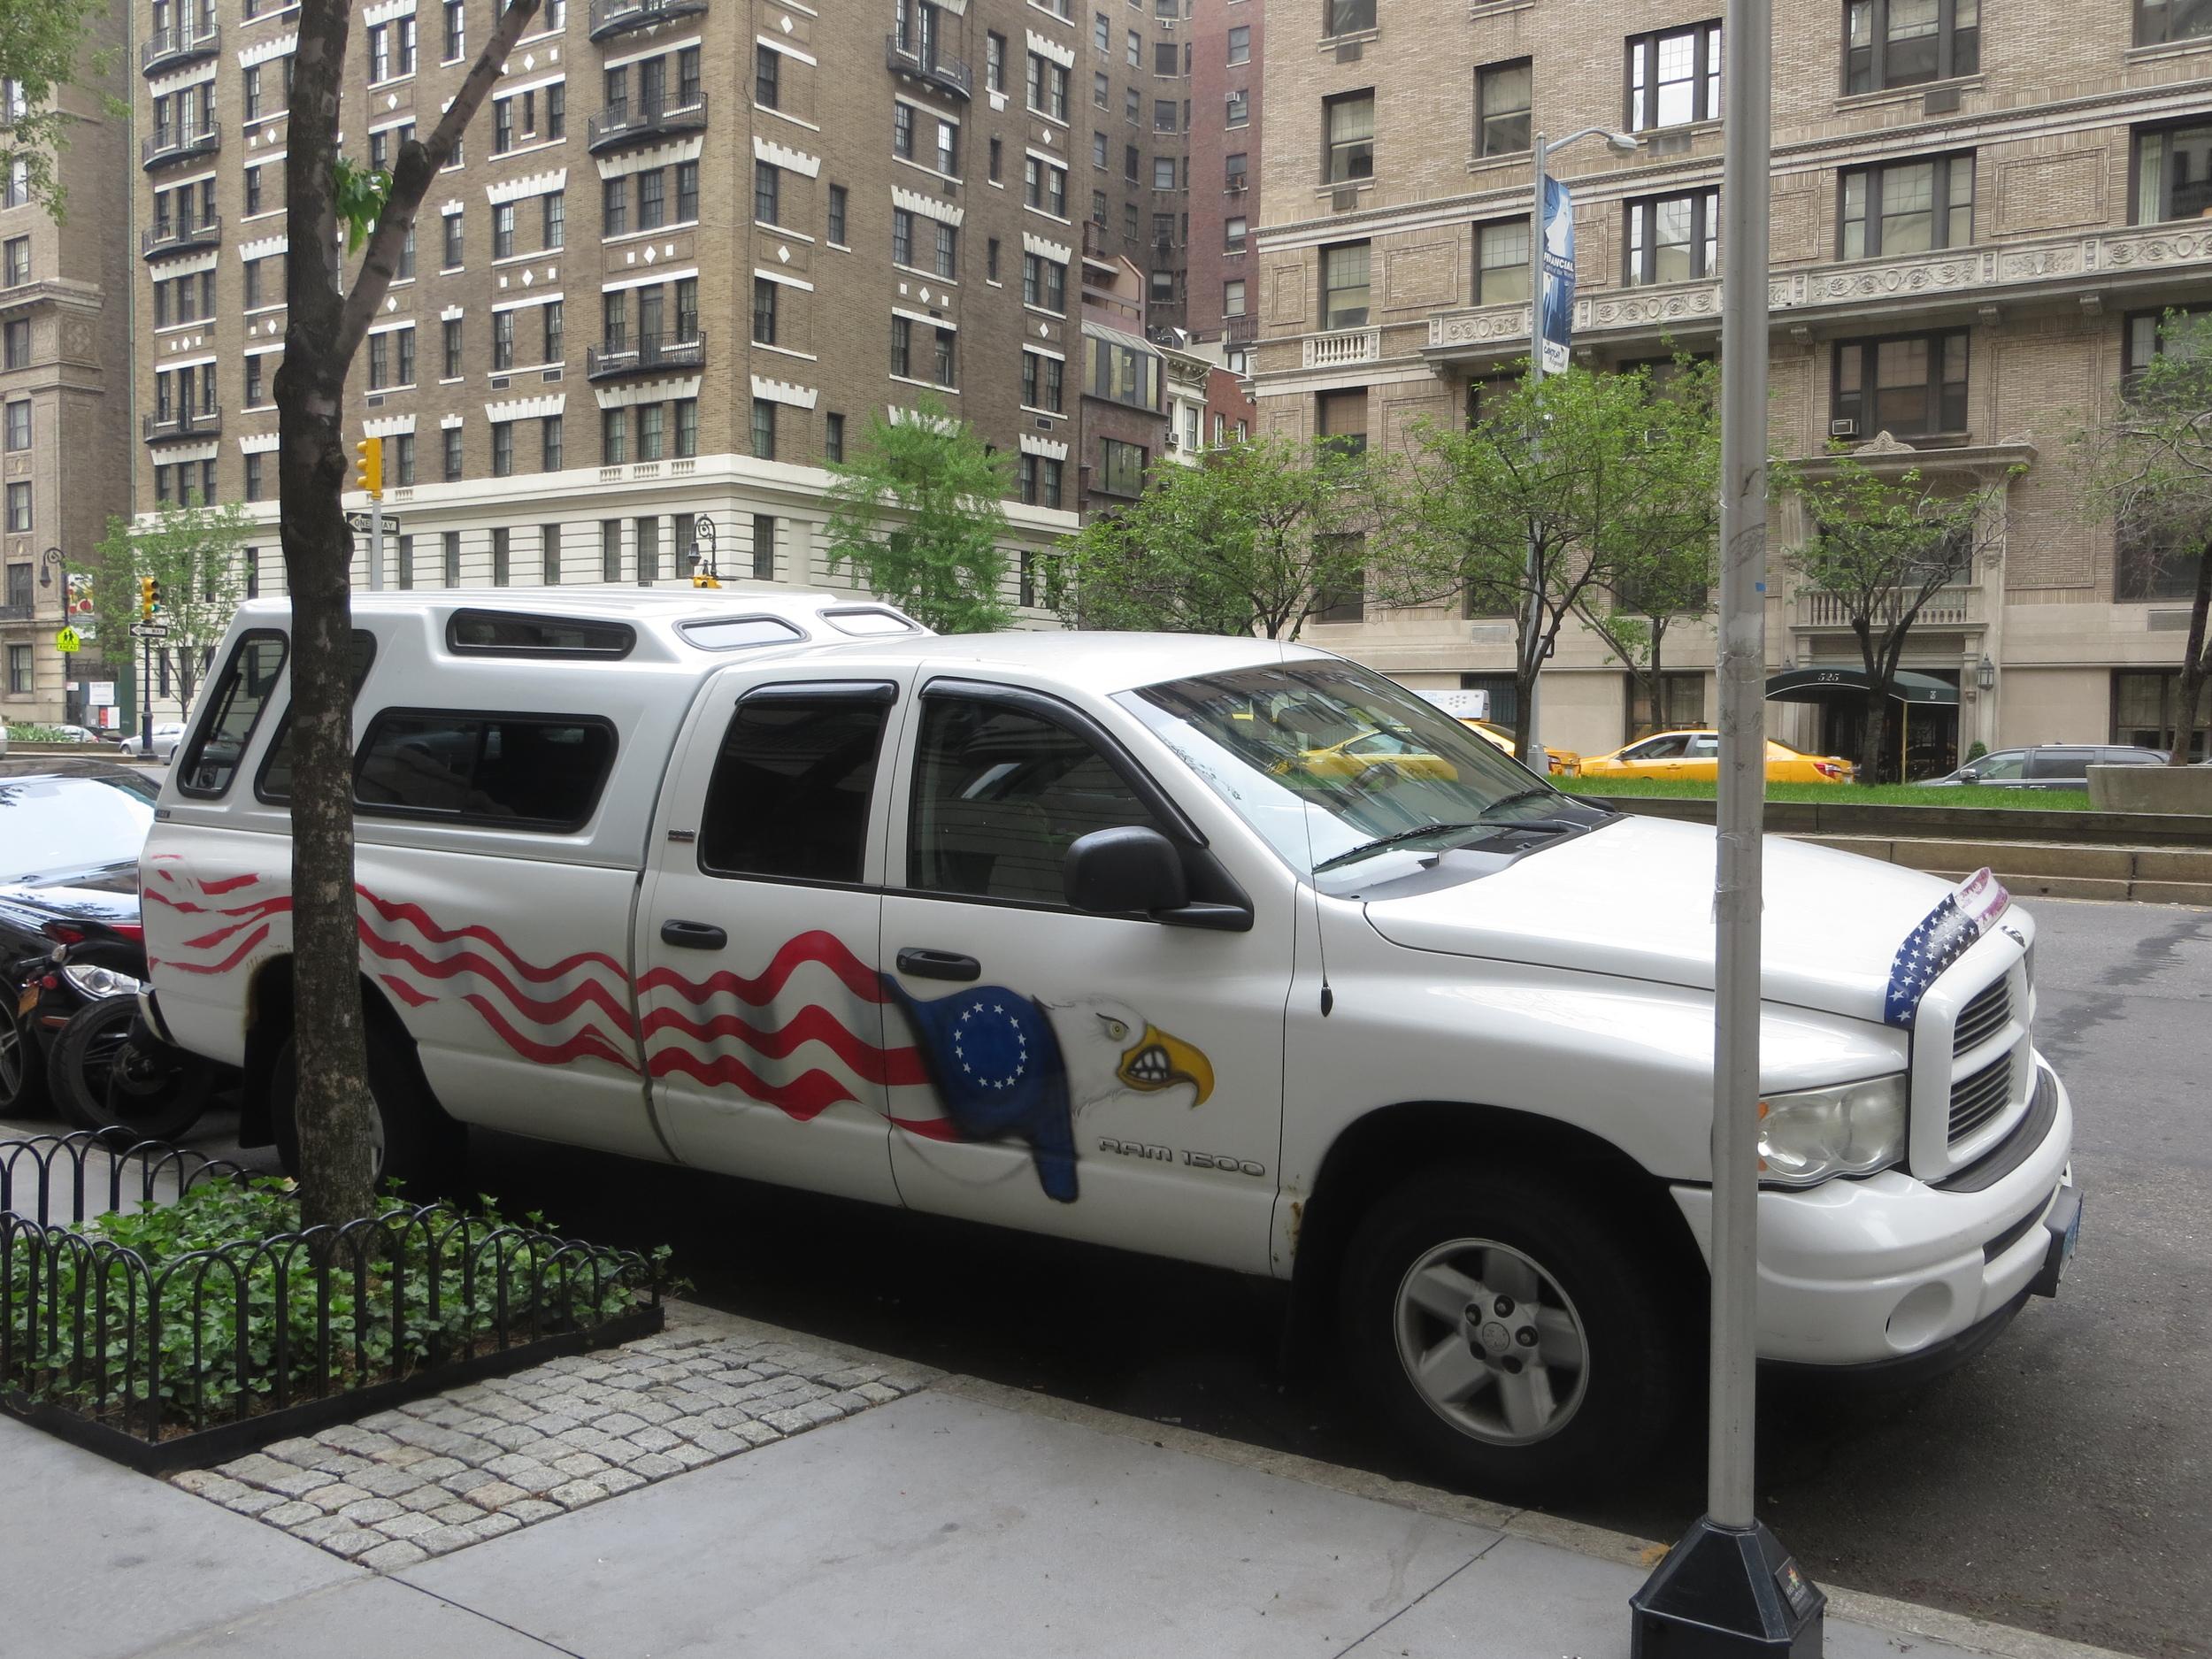 A common sight along Park Avenue